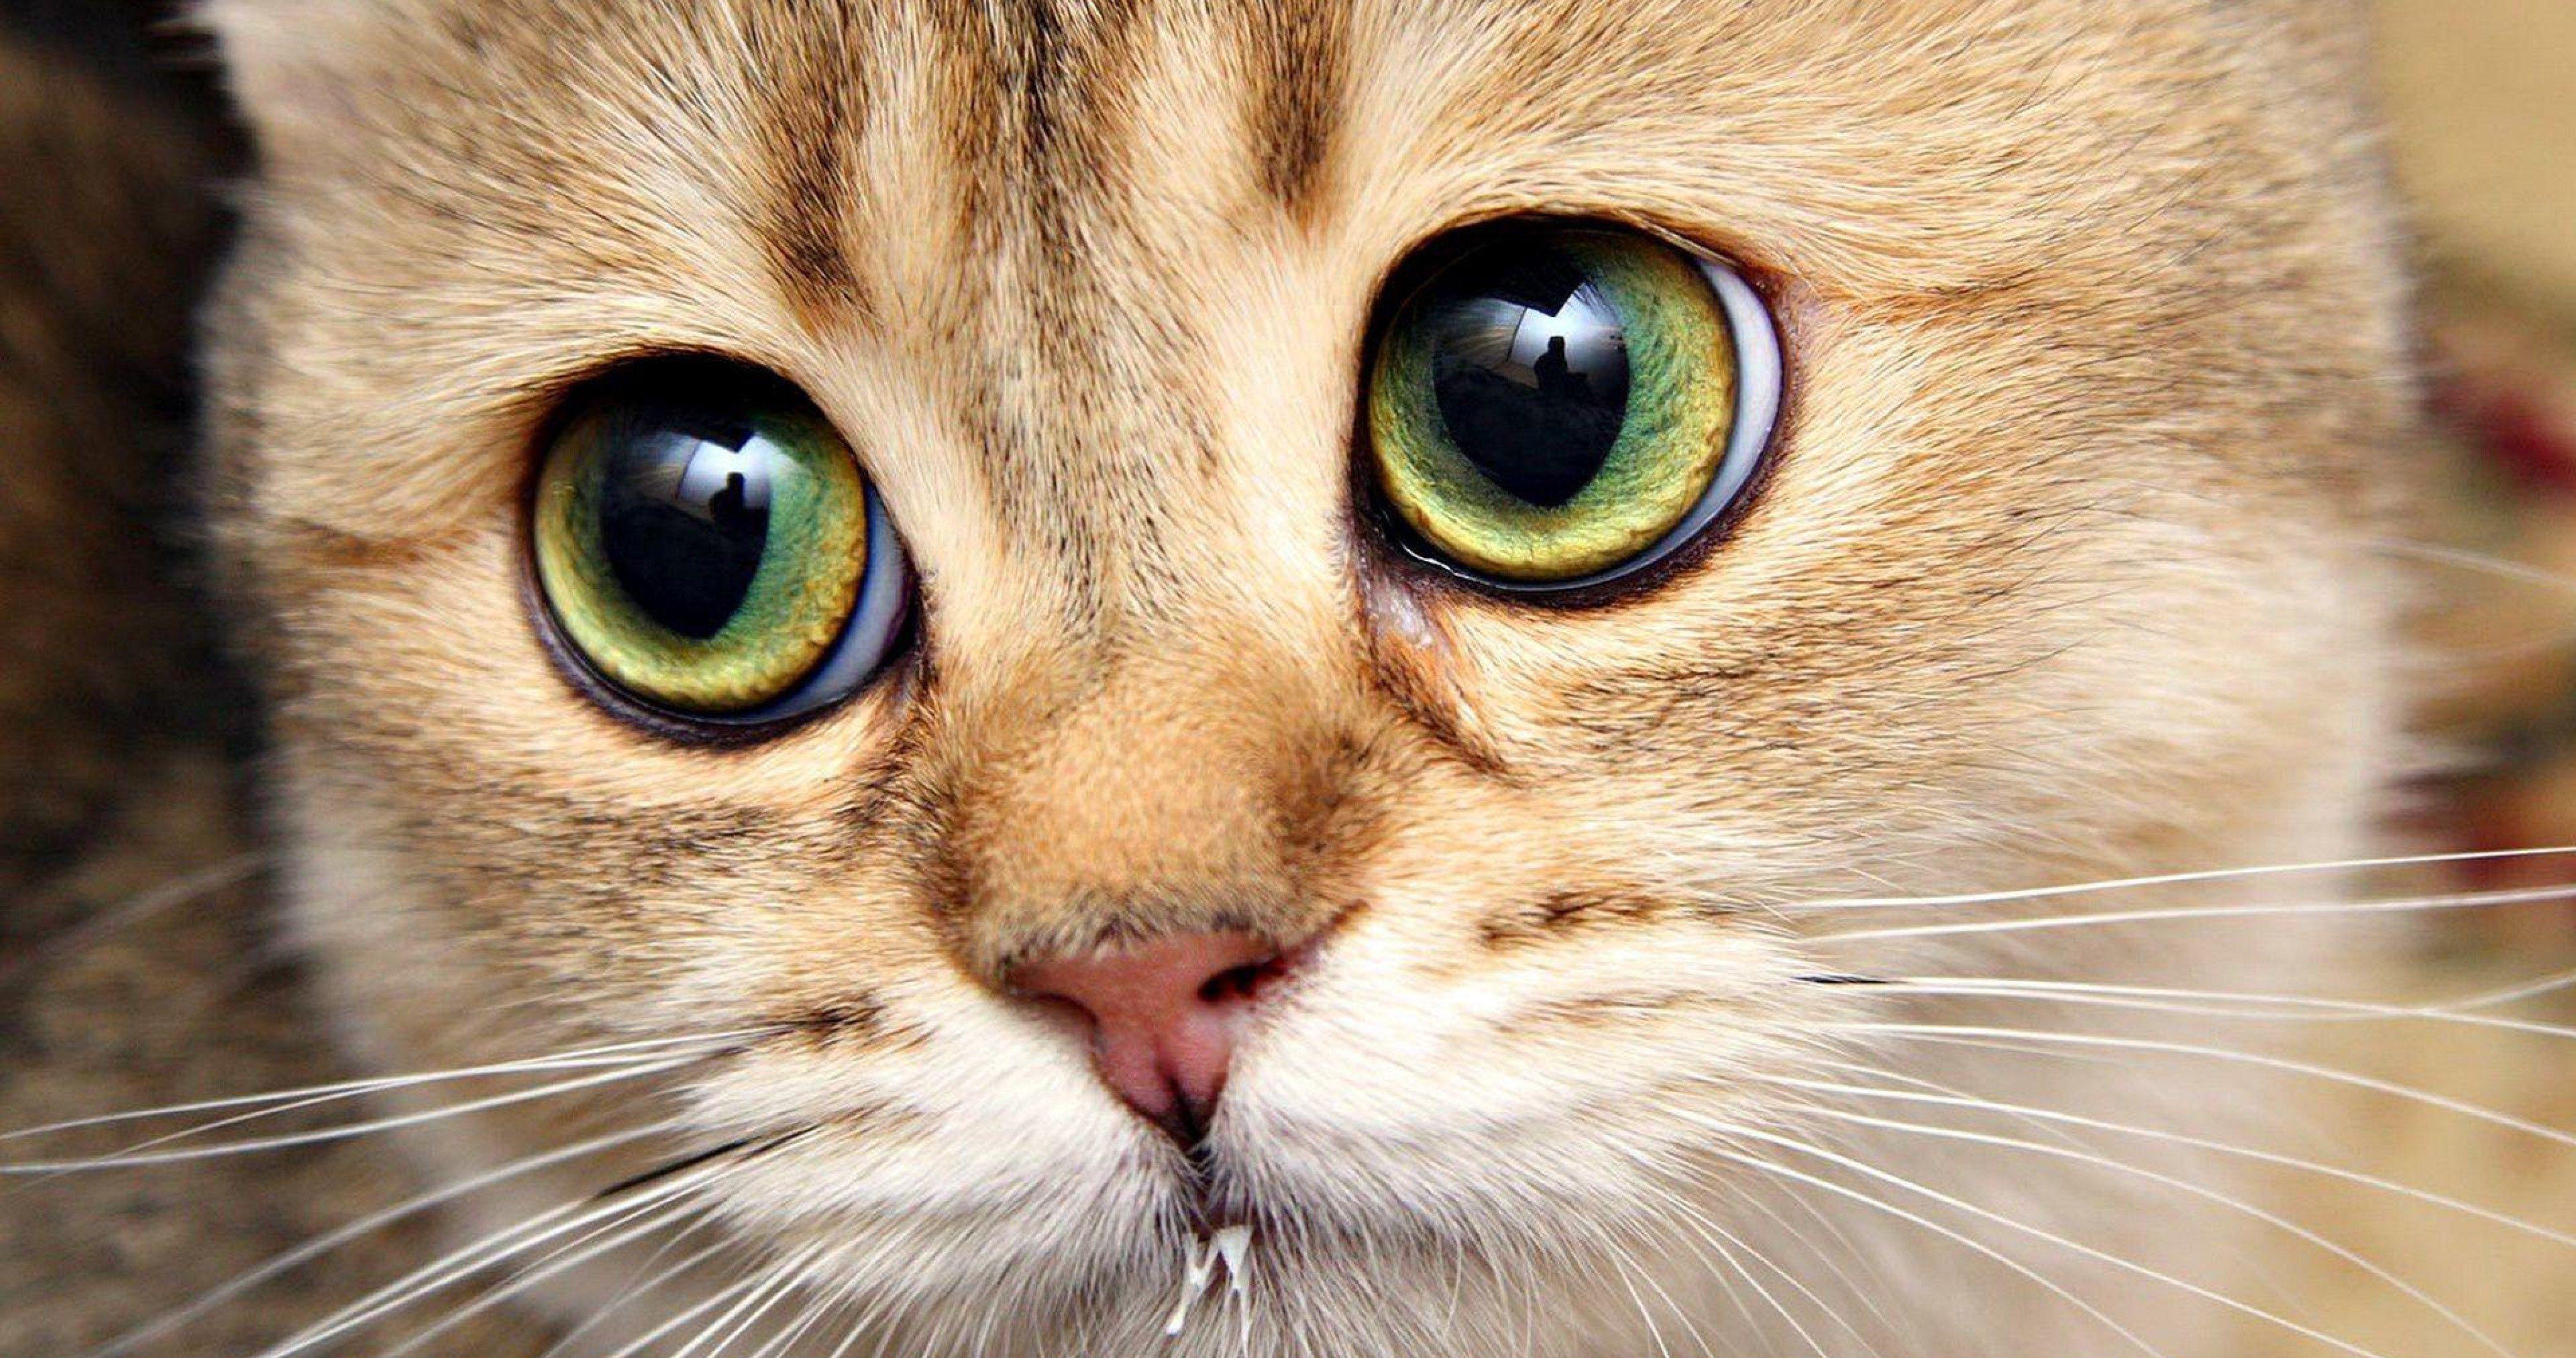 Cutie Cat 4k Ultra Hd Wallpaper S Izobrazheniyami Krasivye Koshki